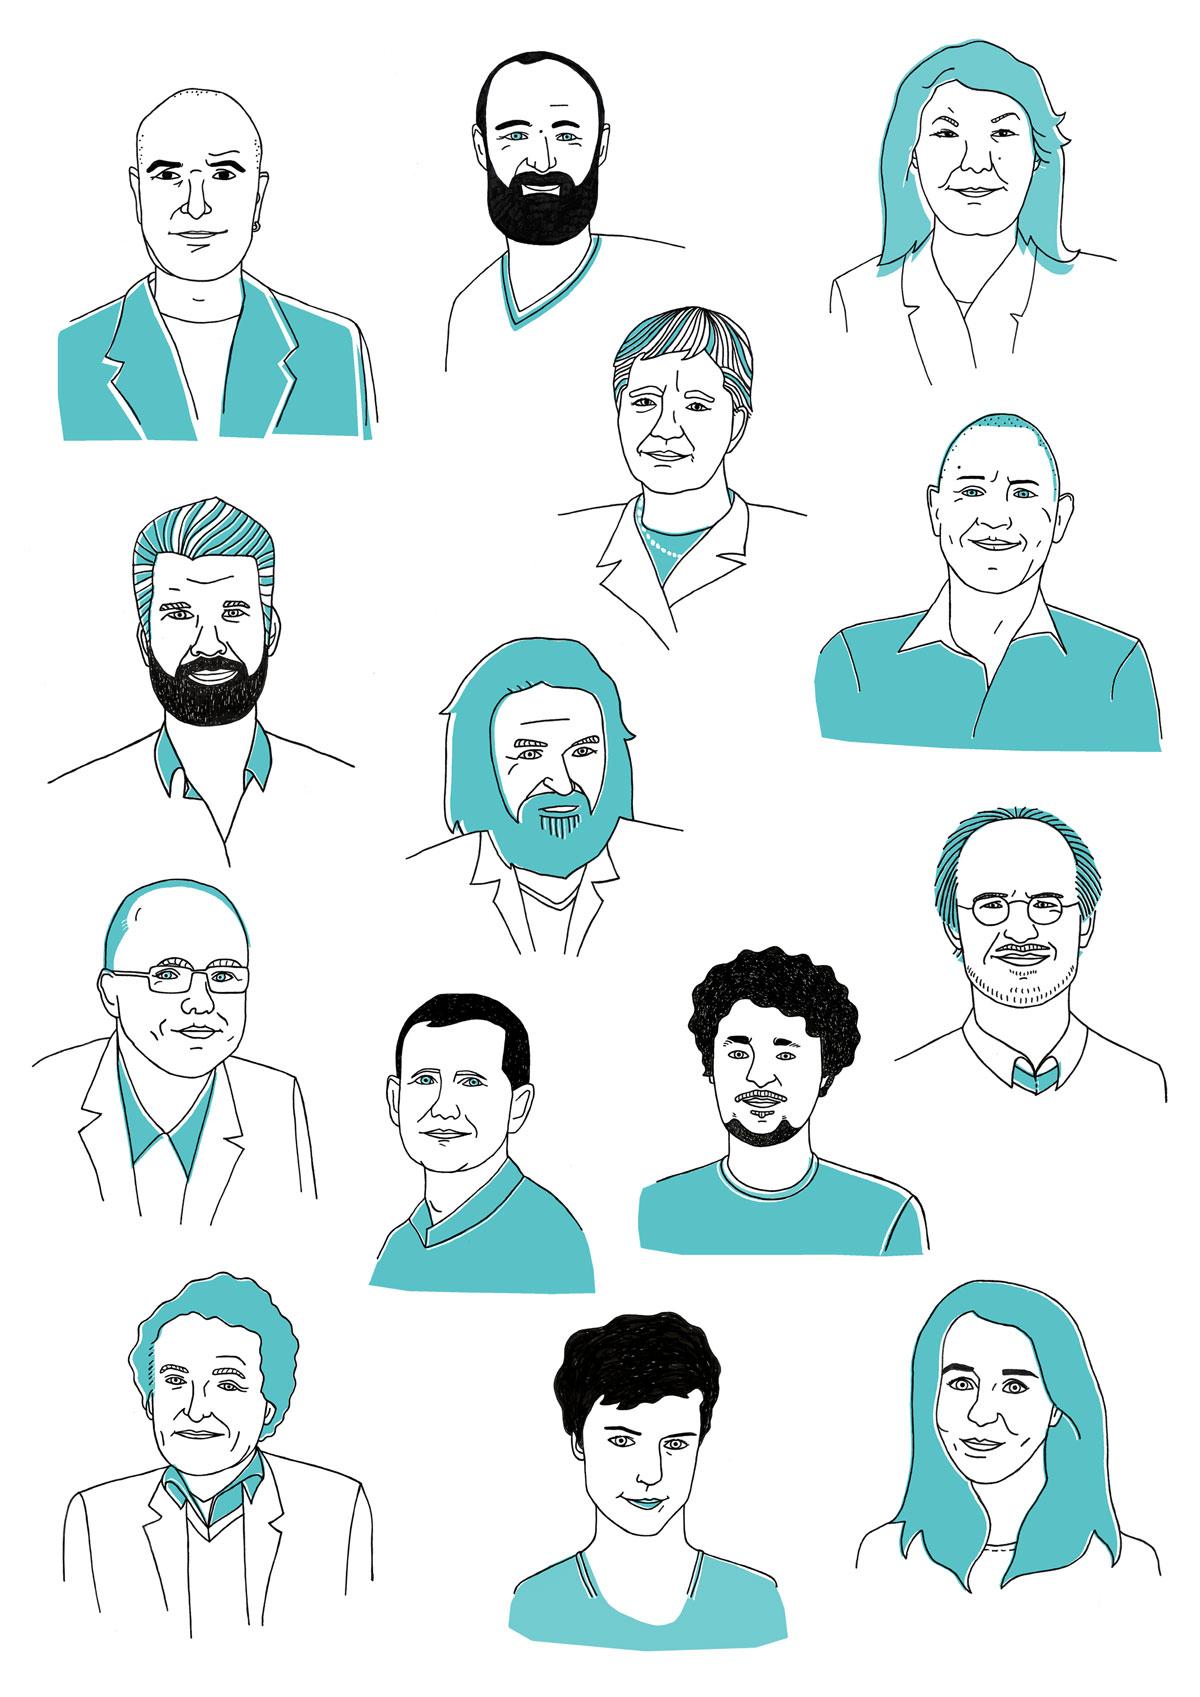 Zinvloed portretten voor EO door Ellen Vesters Illustrator uit Utrecht